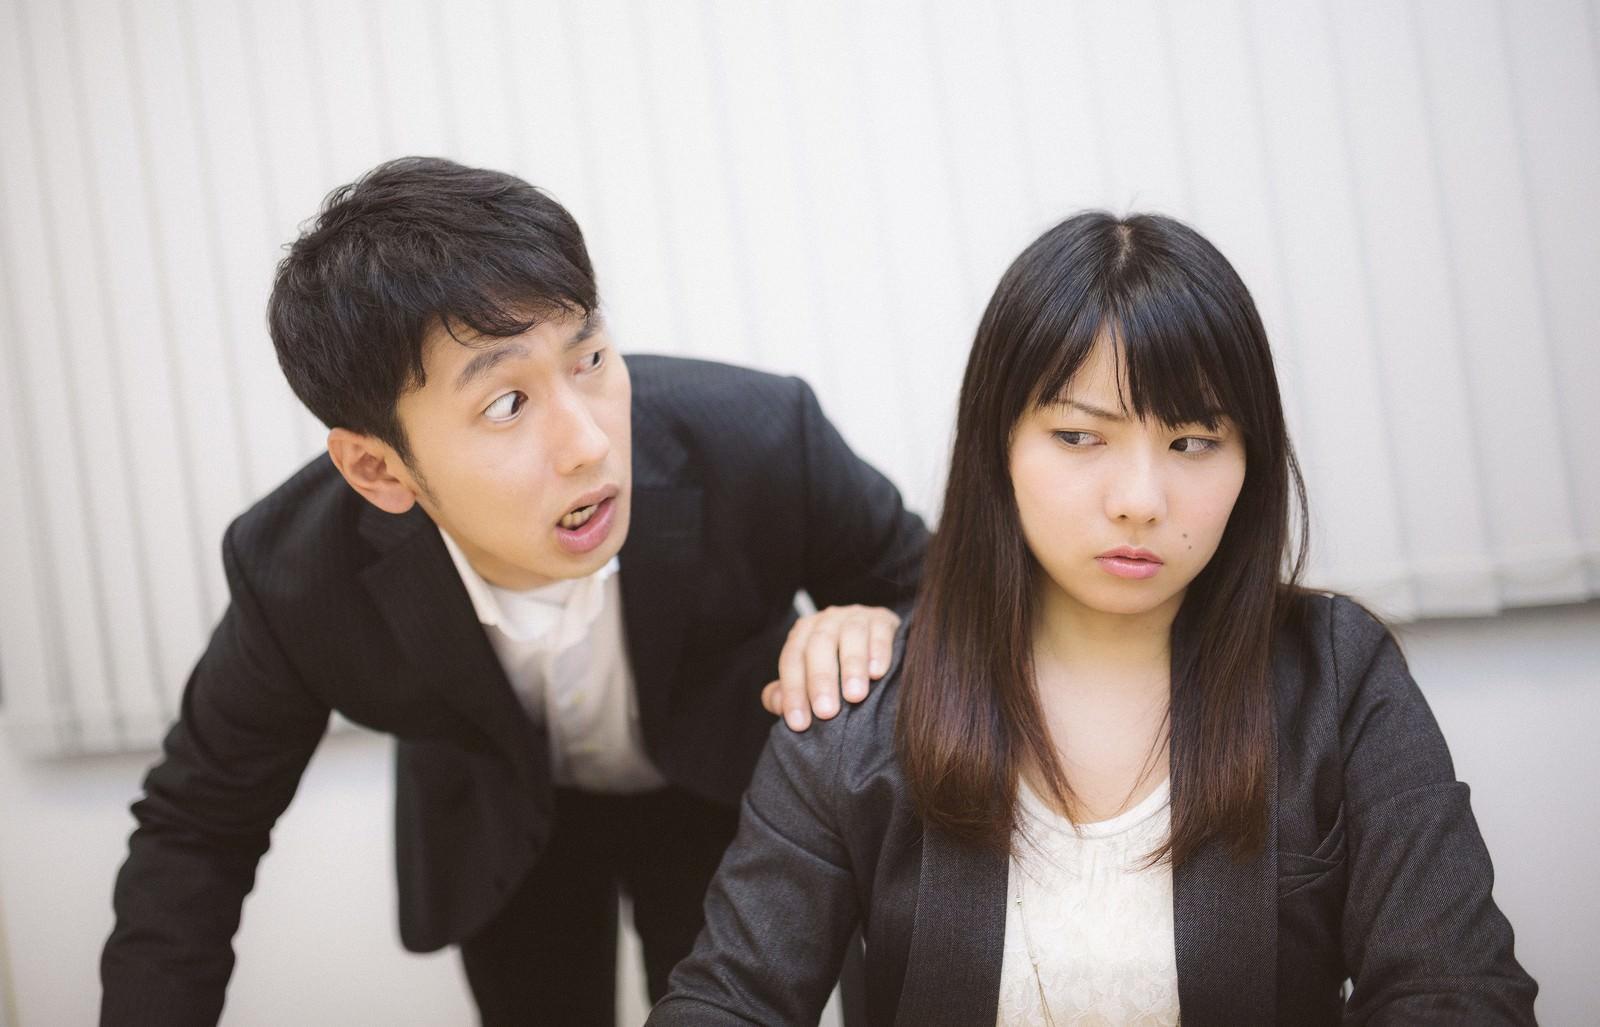 「社内の不正を暴き「犯人はお前だ!」とシャウトする上司」の写真[モデル:大川竜弥 Lala]